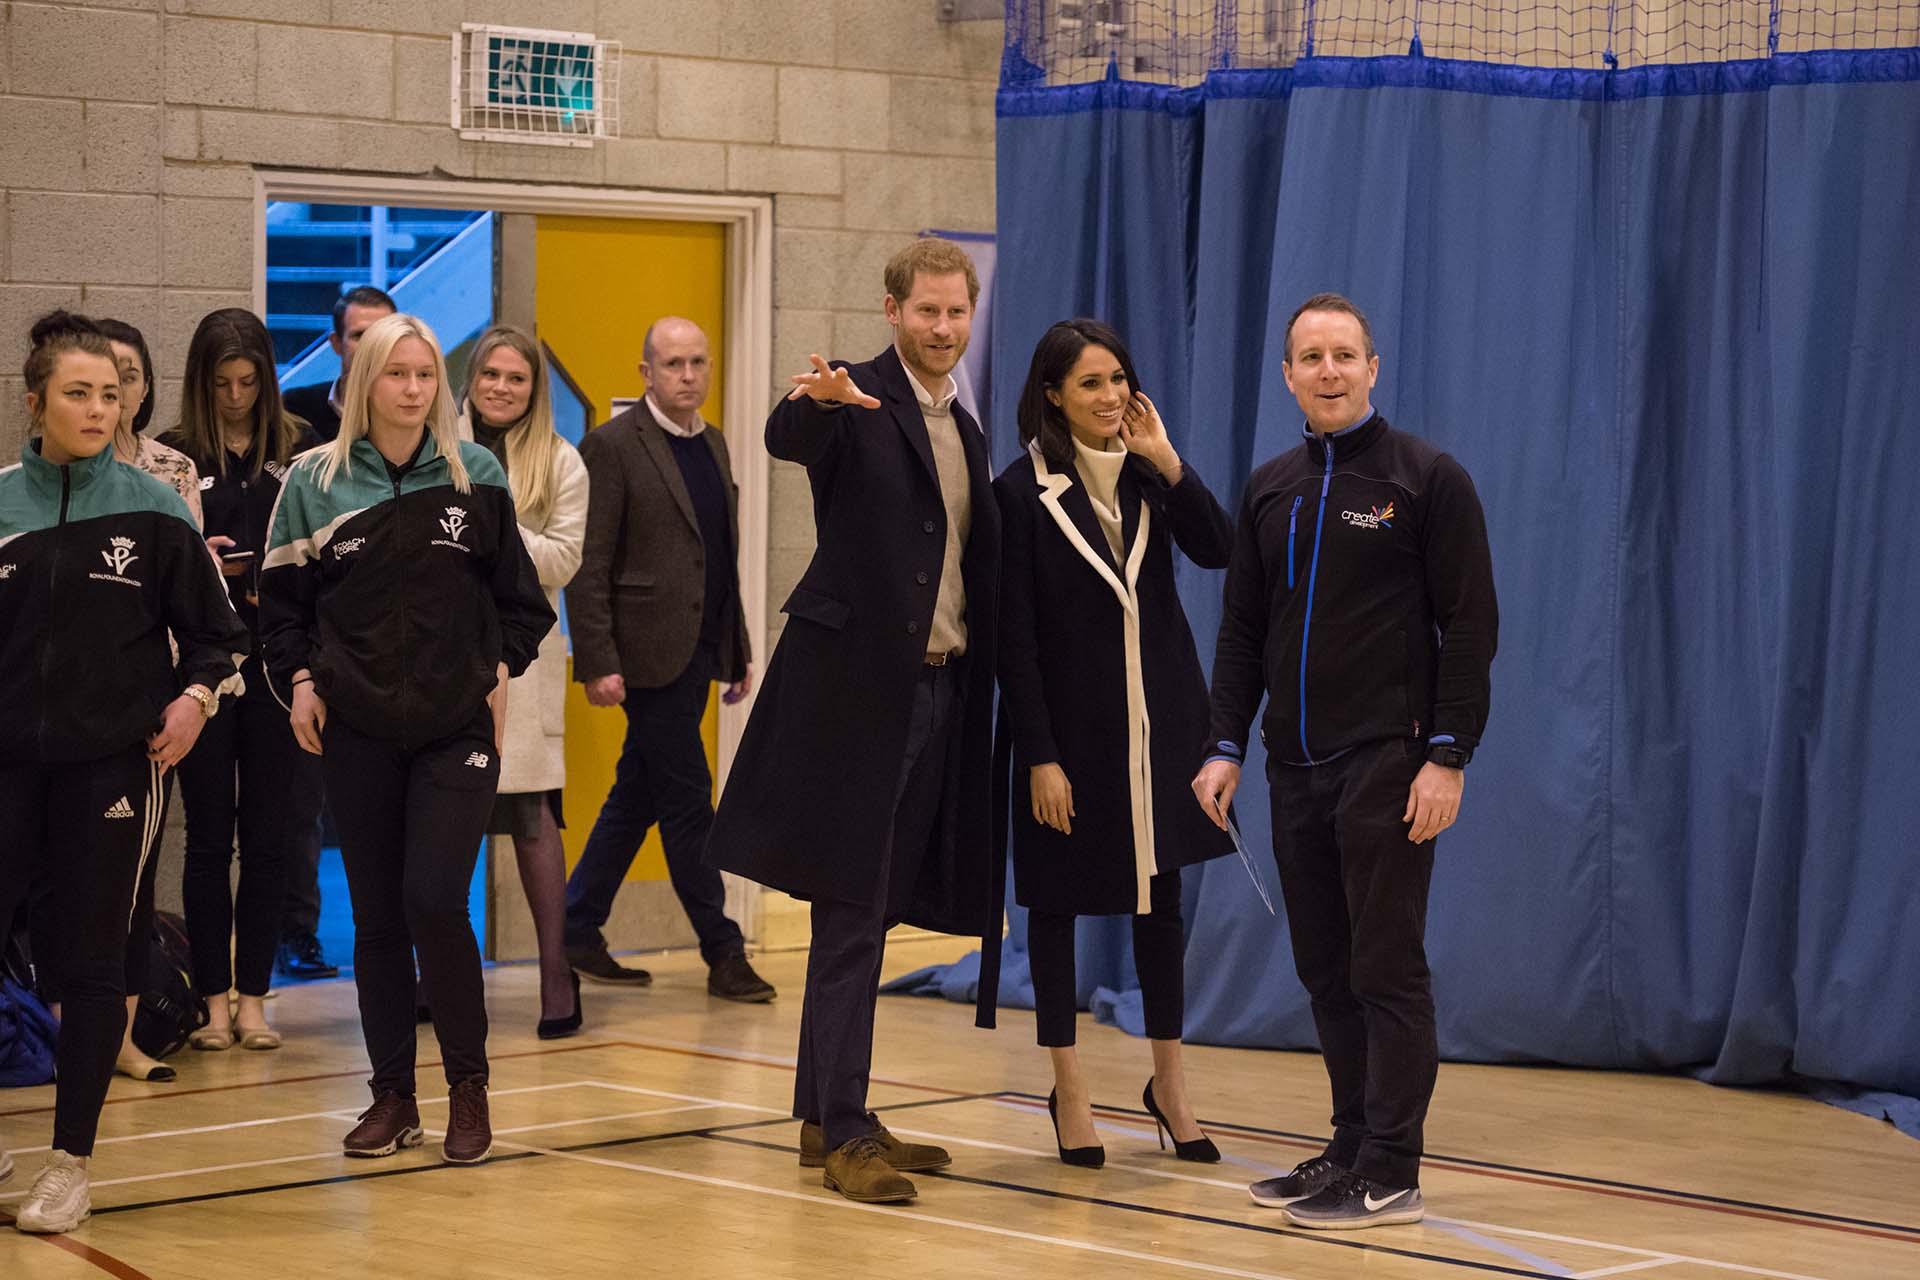 La futura Duquesa de Sussex, ya es una referente de estilo global, optó por un look simple y clásico, que incluyó tapado, suéter de cuello alto, pantalones cigarette y stilettos